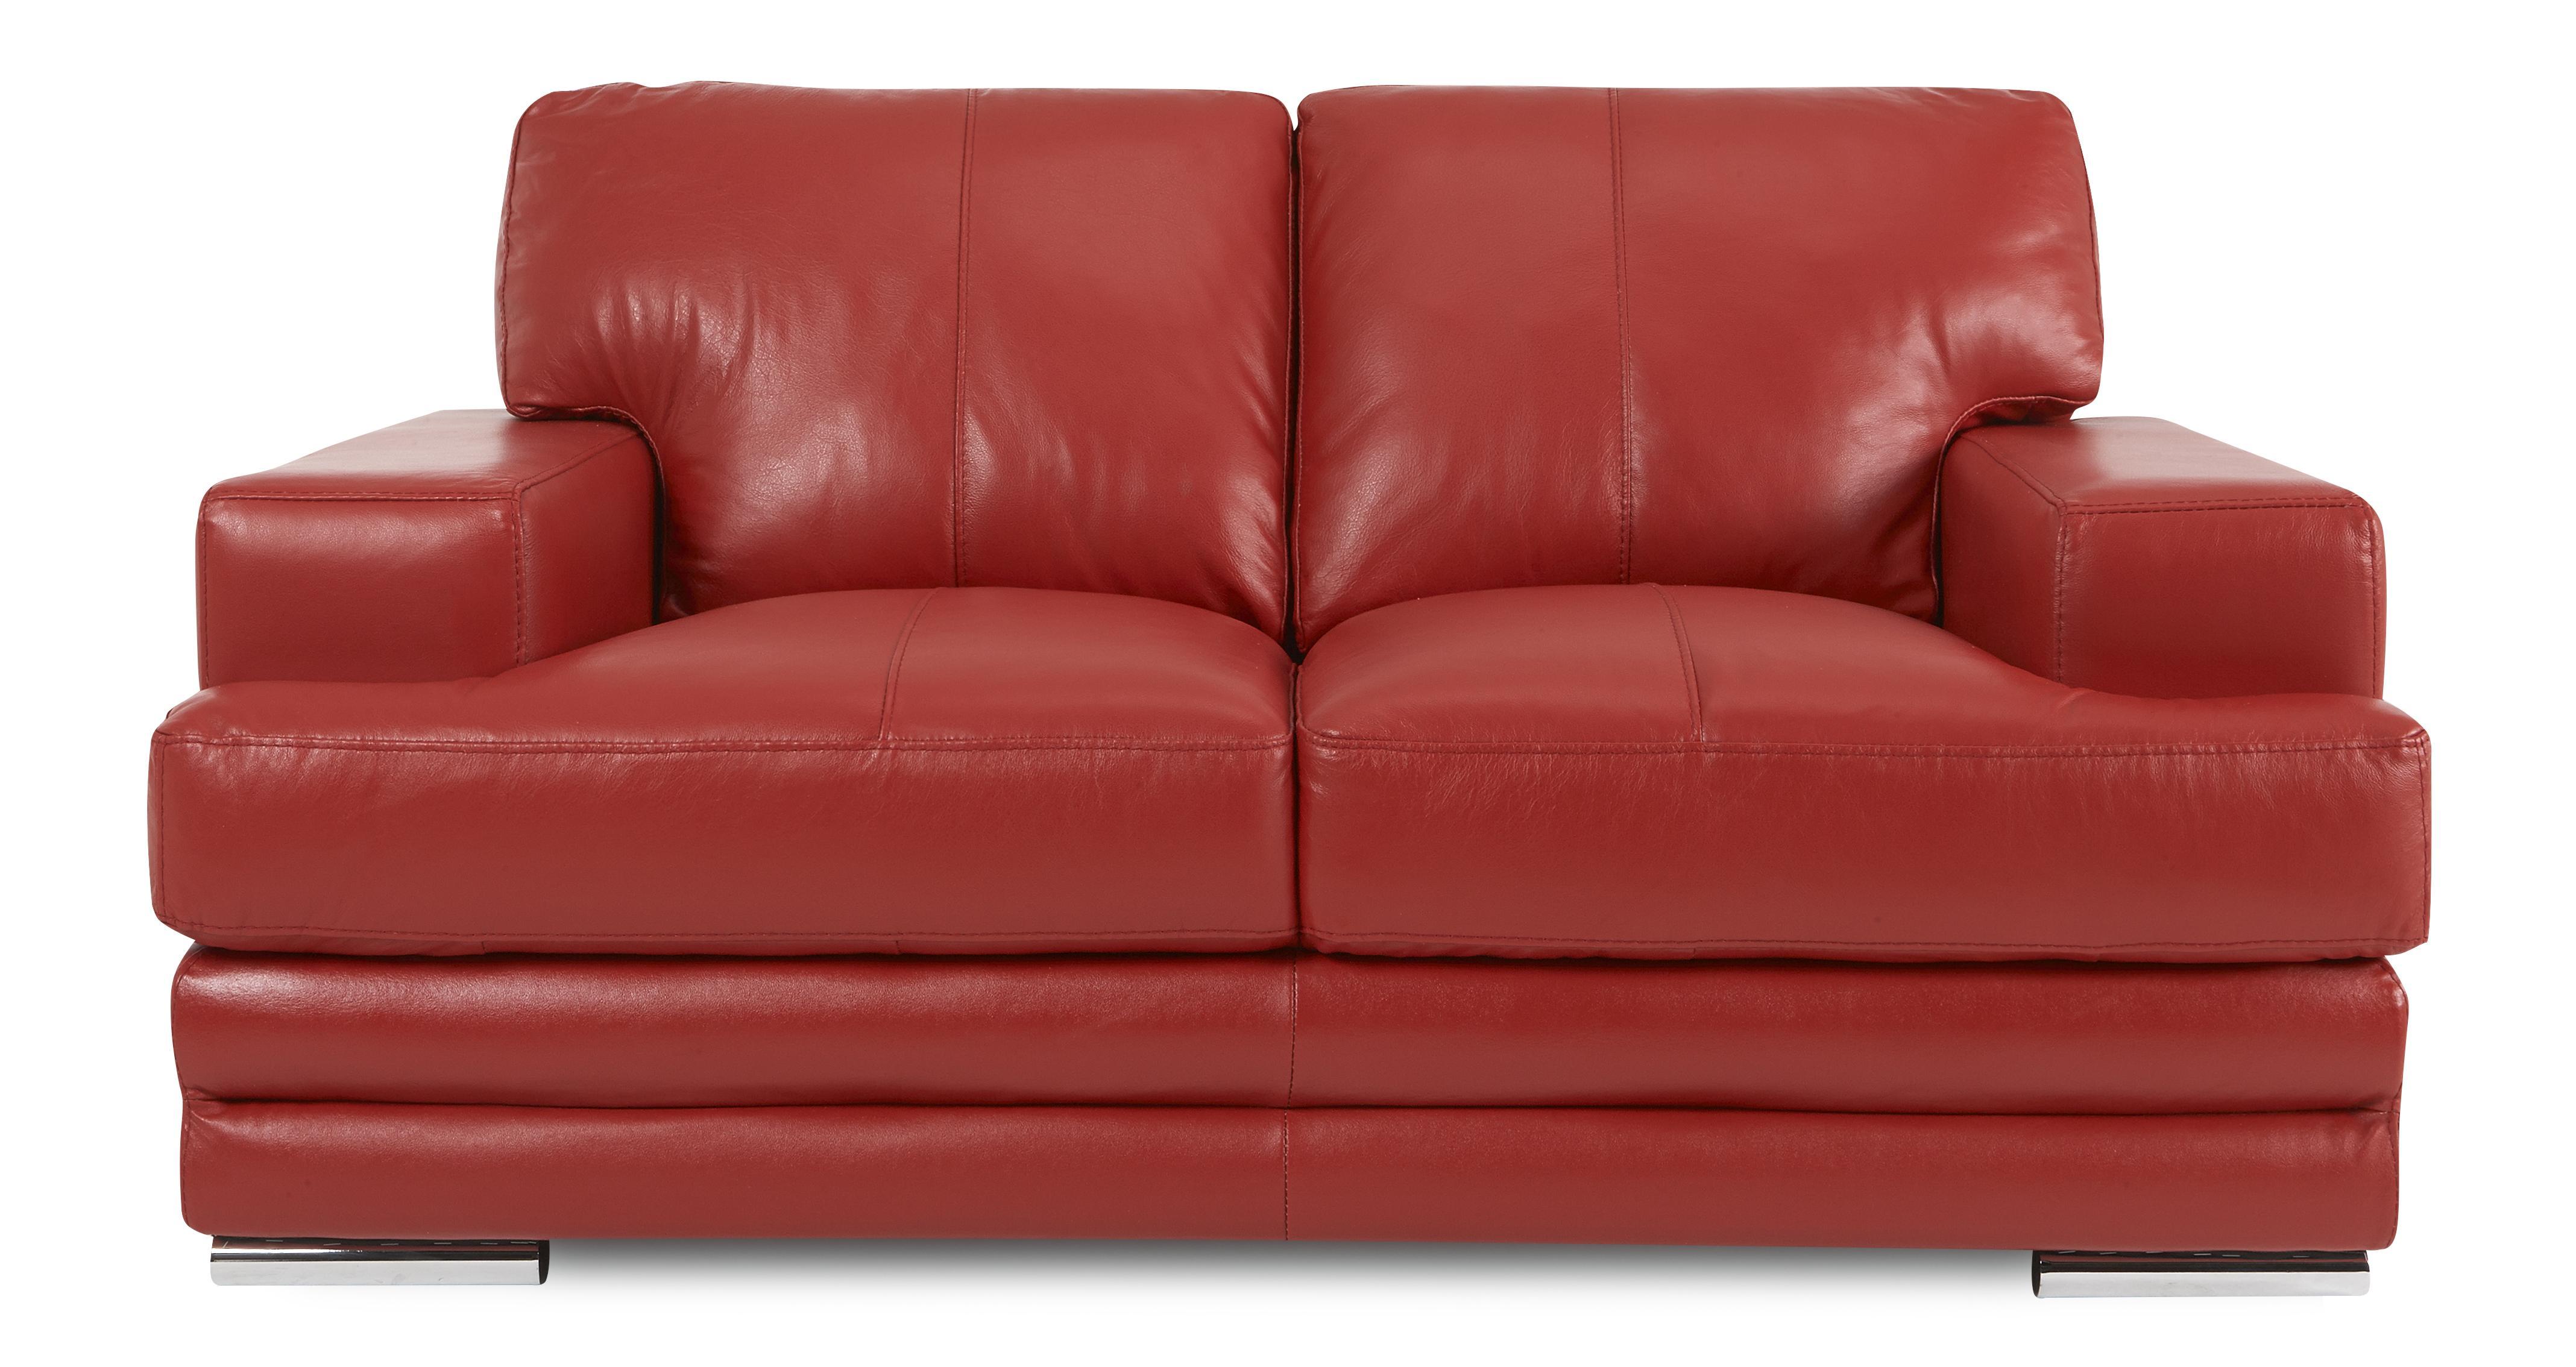 Glow 2 Seater Sofa Venezia DFS